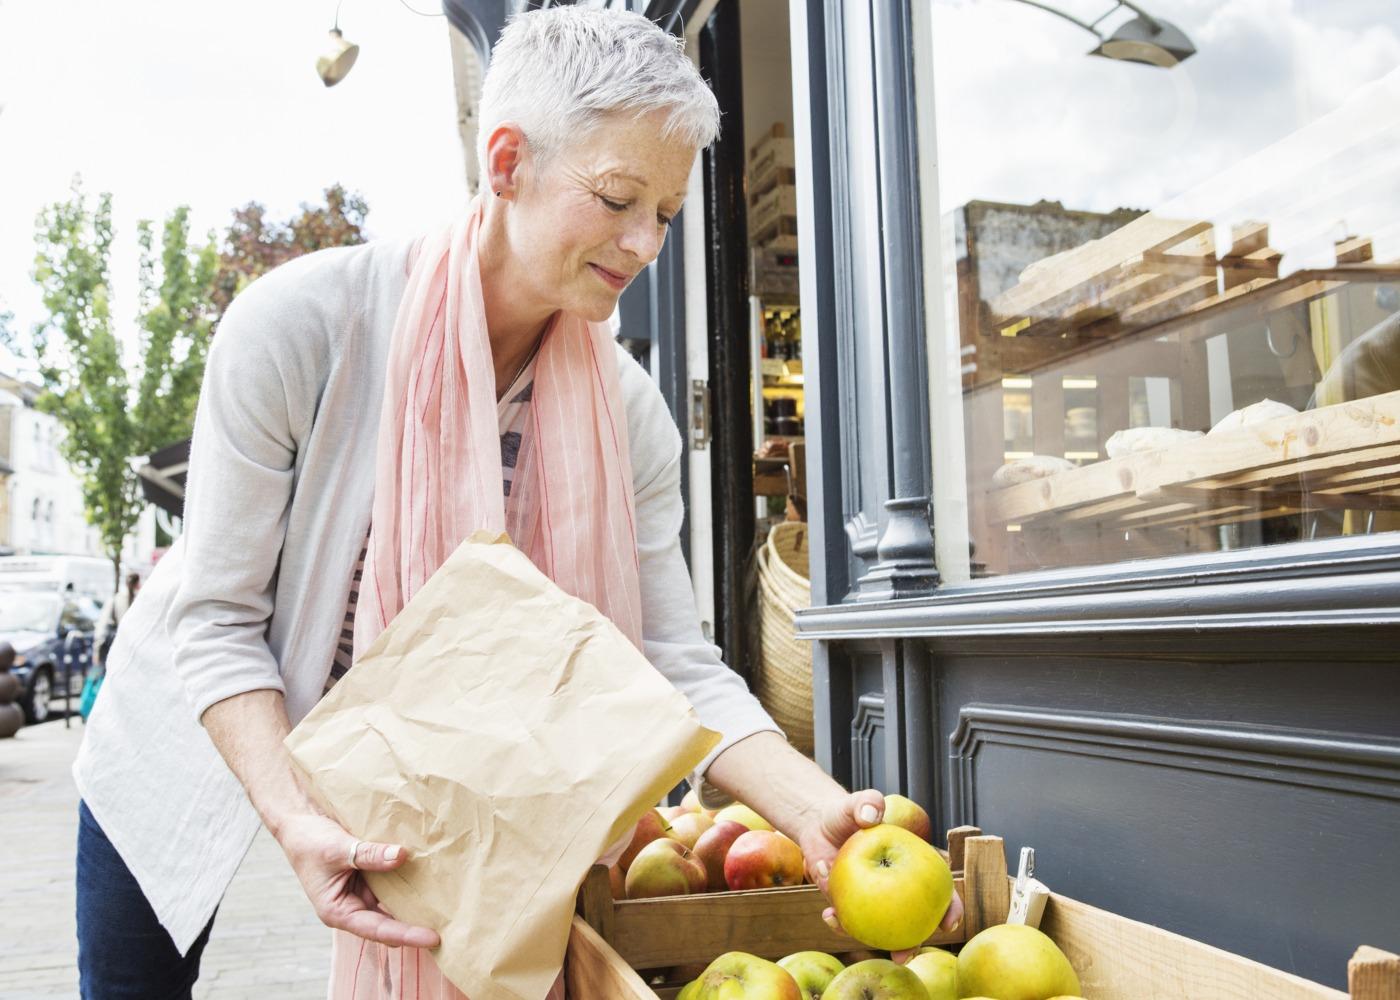 mulher compra fruta ao quilo